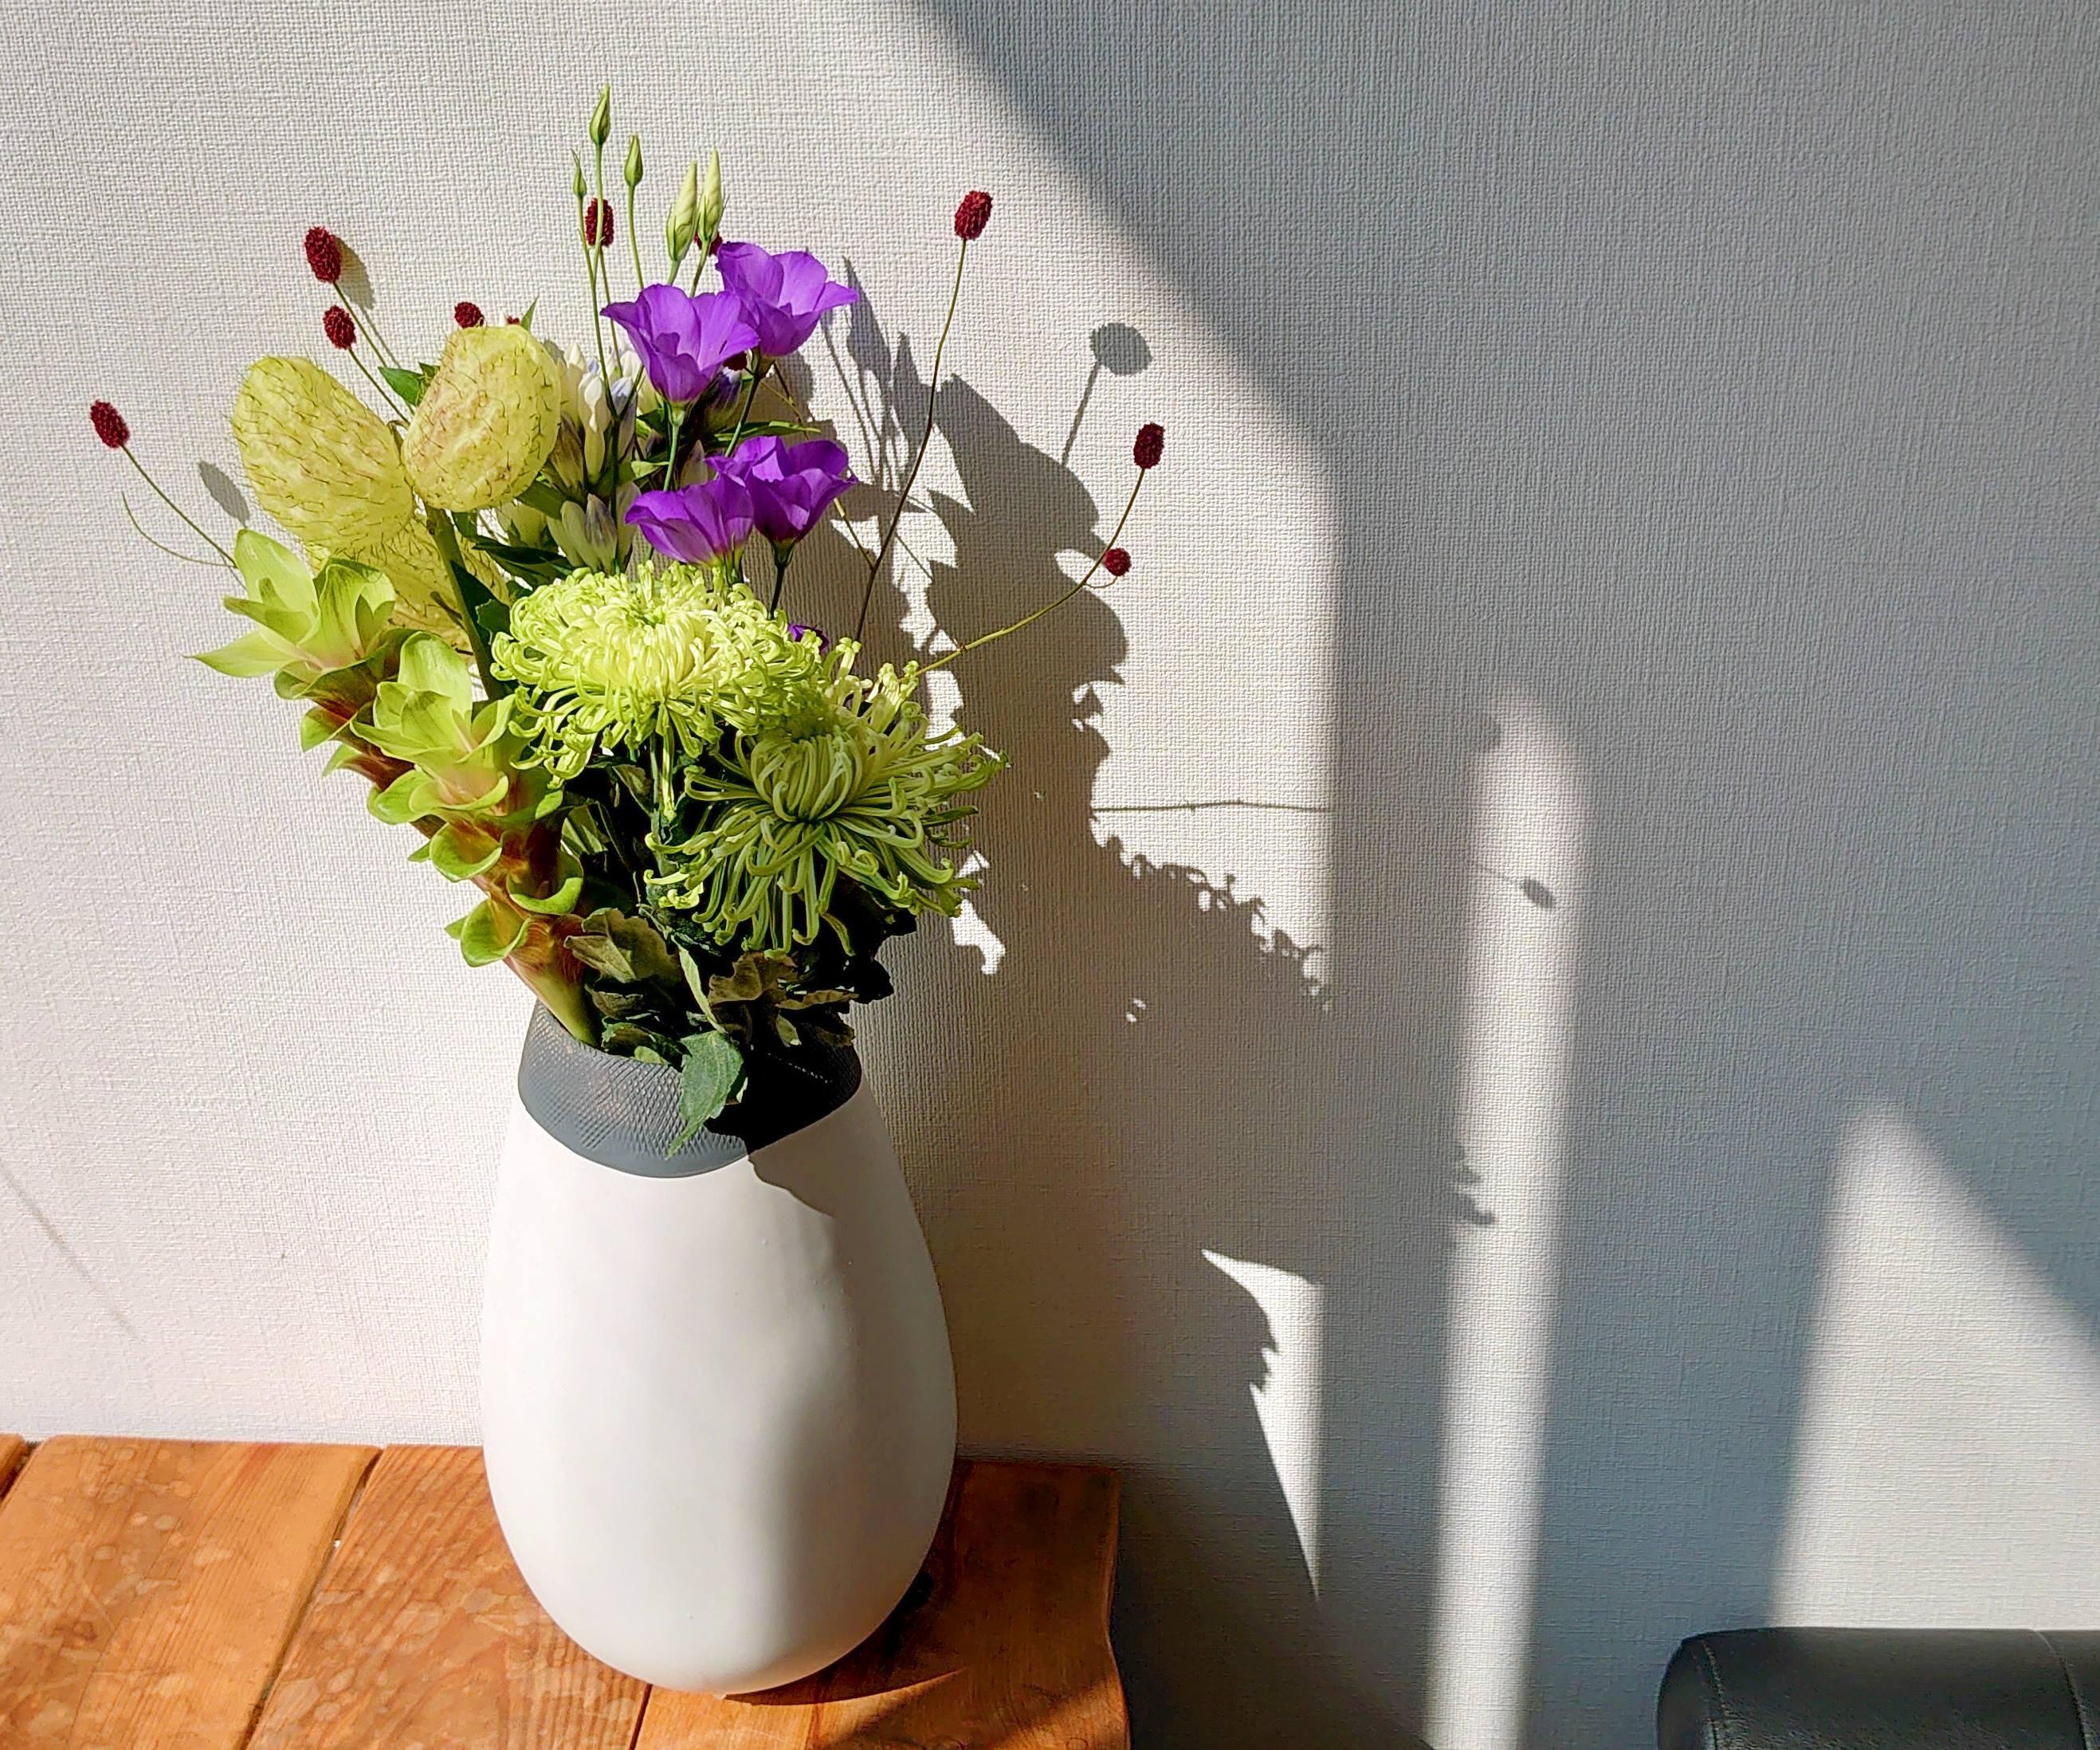 9月9日は『重陽の節句』長寿を願って 菊を飾ろう。 花瓶用ブーケNO,3